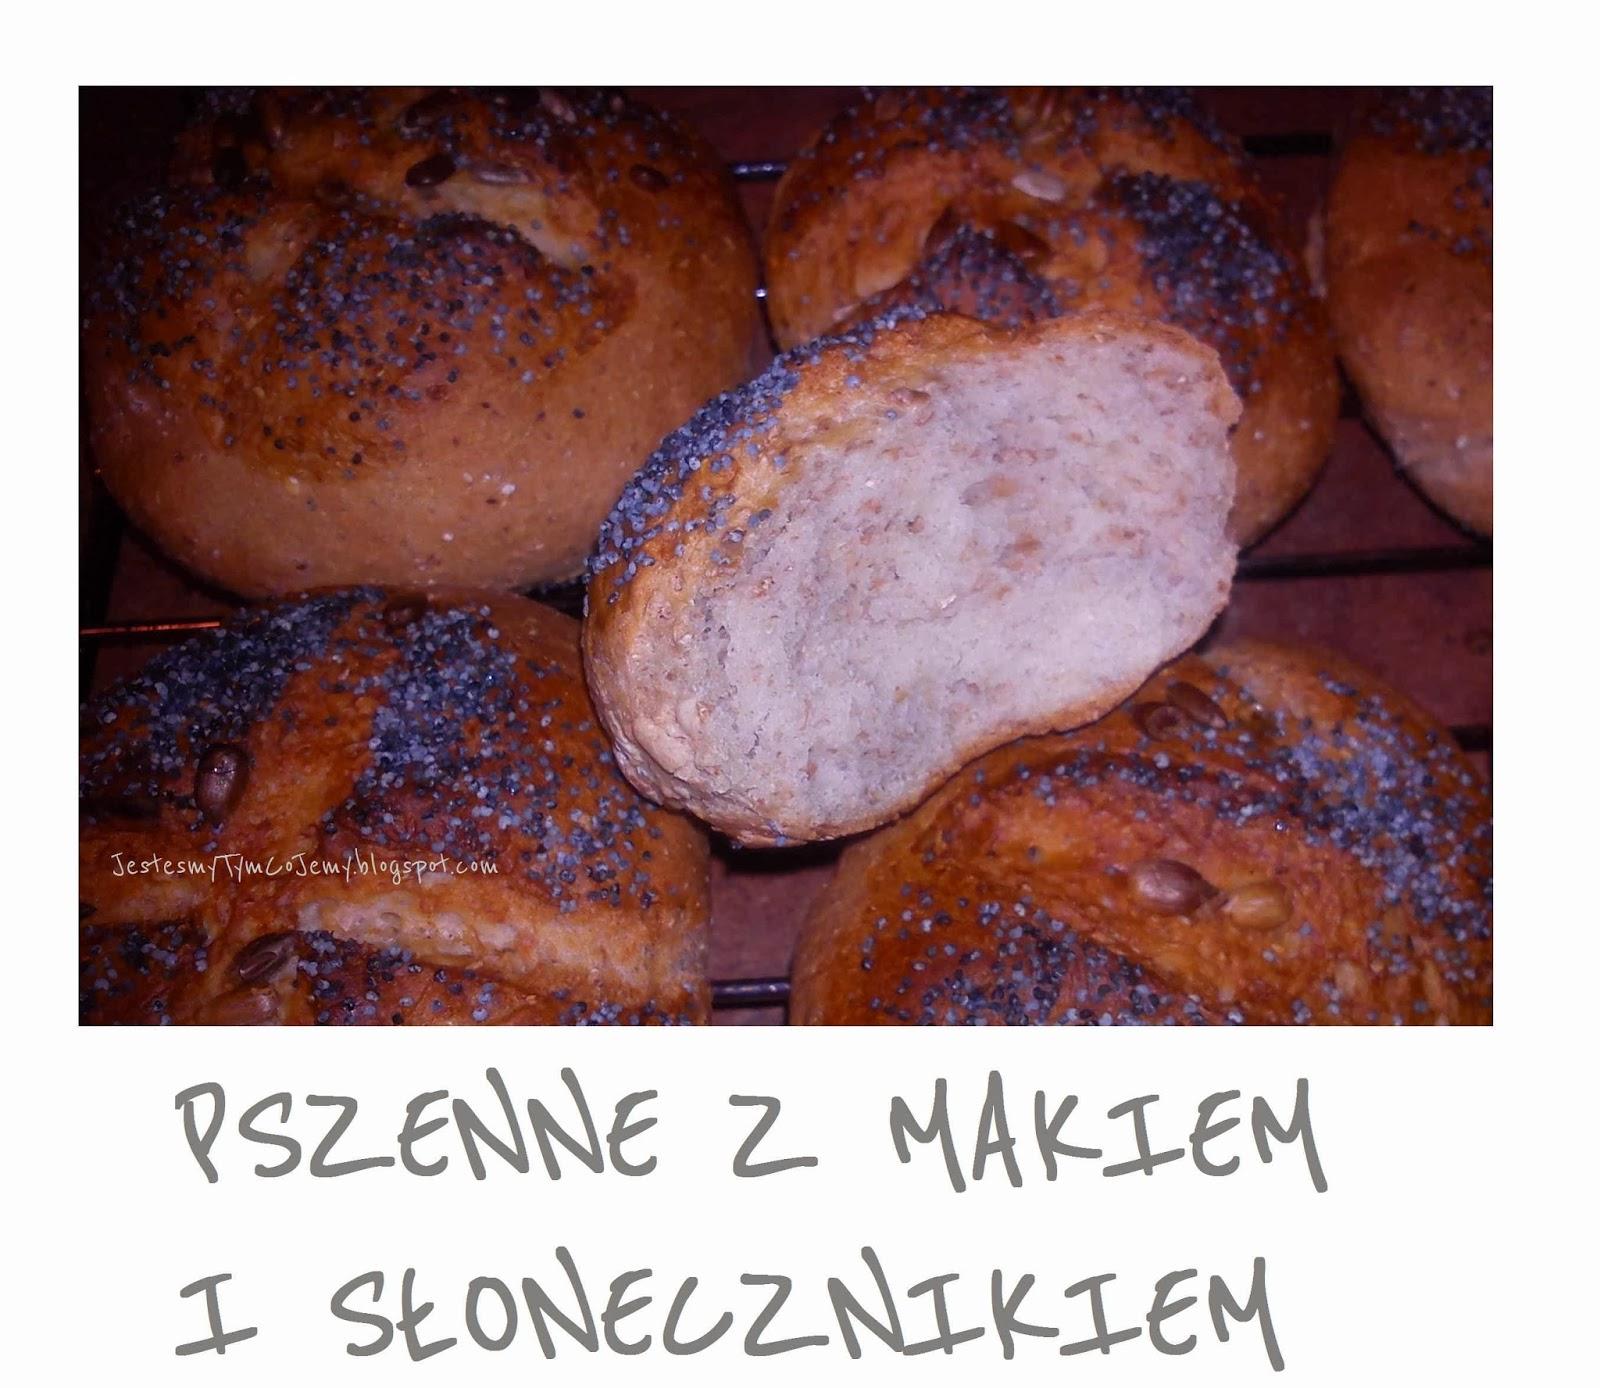 http://jestesmytymcojemy.blogspot.com/2012/11/byskawiczne-bueczki.html